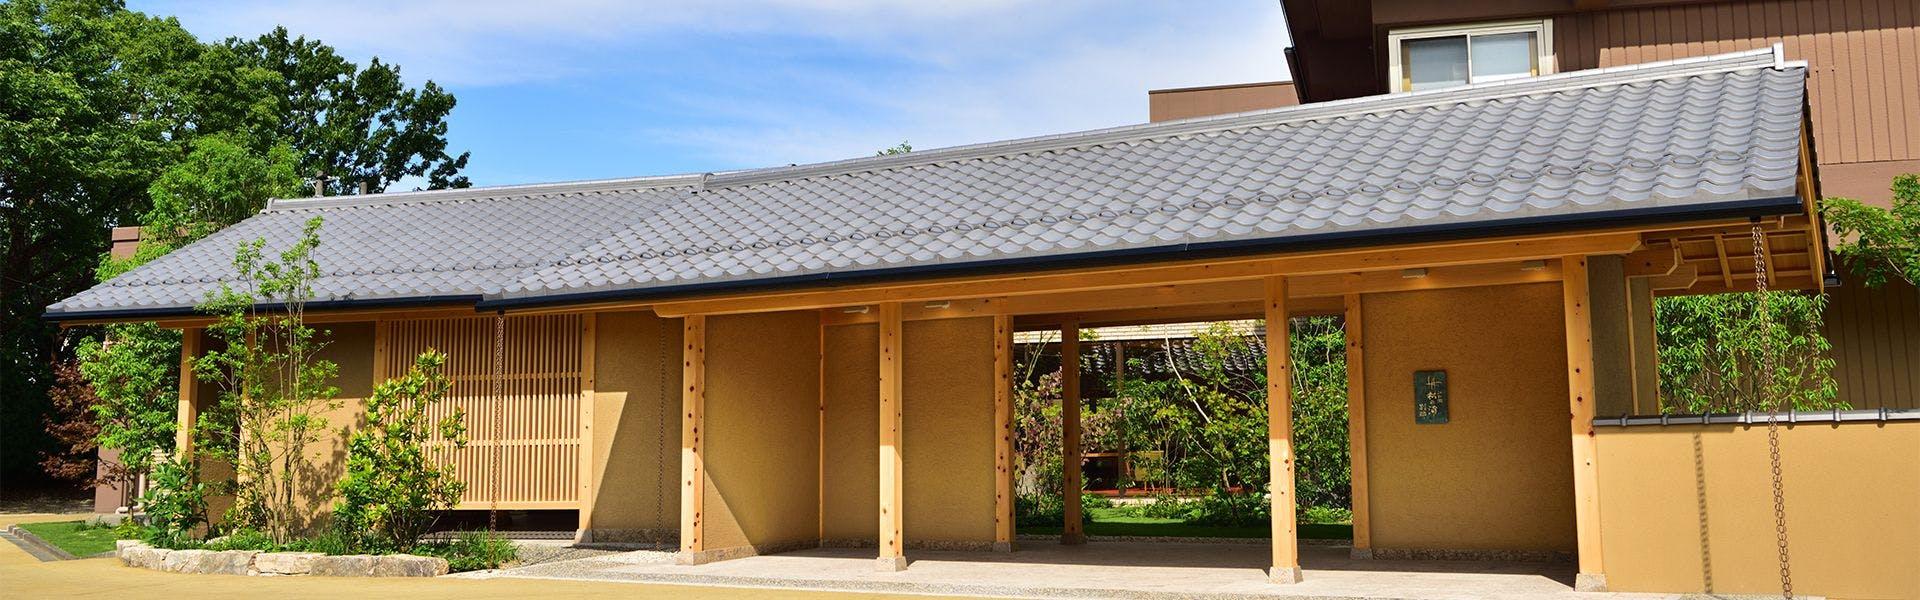 記念日におすすめのホテル・【びわ湖松の浦別邸 愛犬と泊まる湖畔の温泉リゾート】の写真1